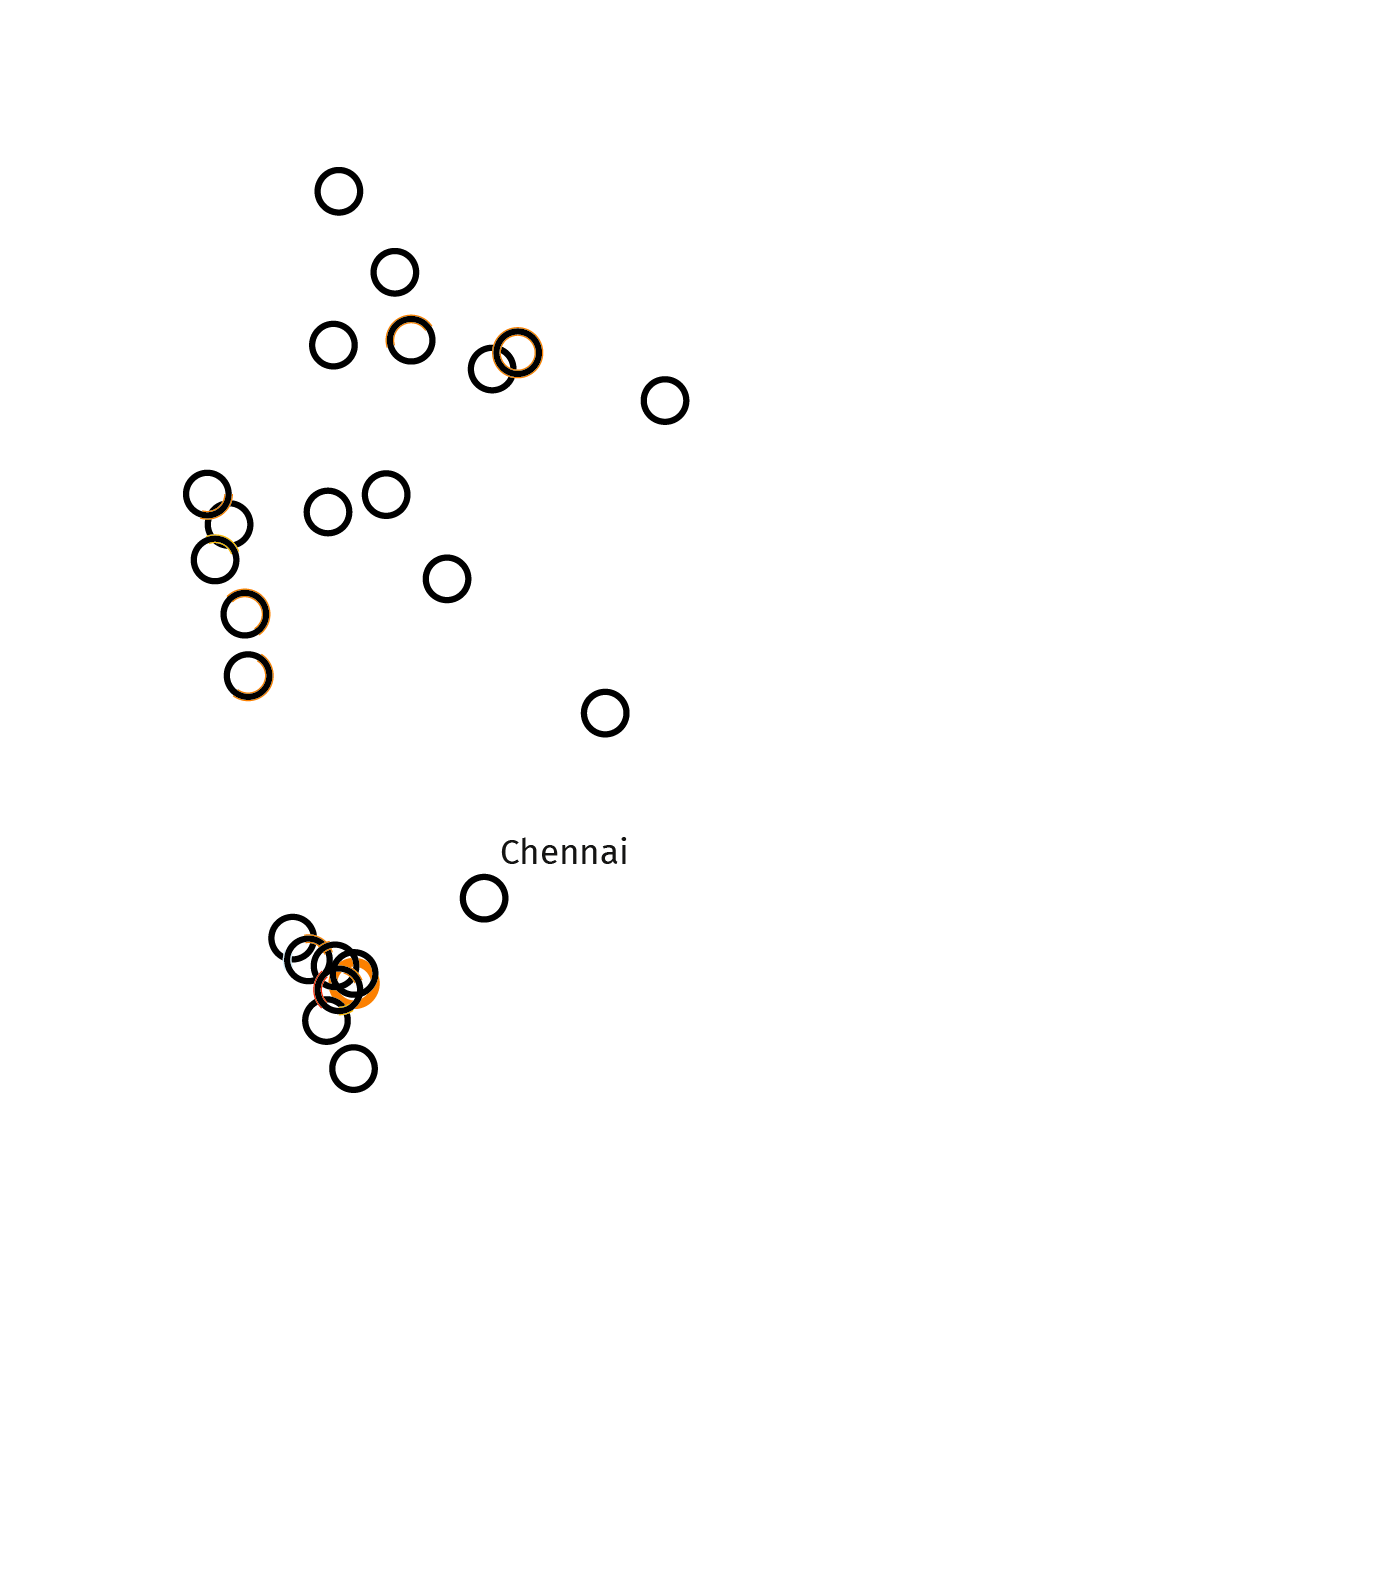 villes de 1 à 8 millions d'habitants